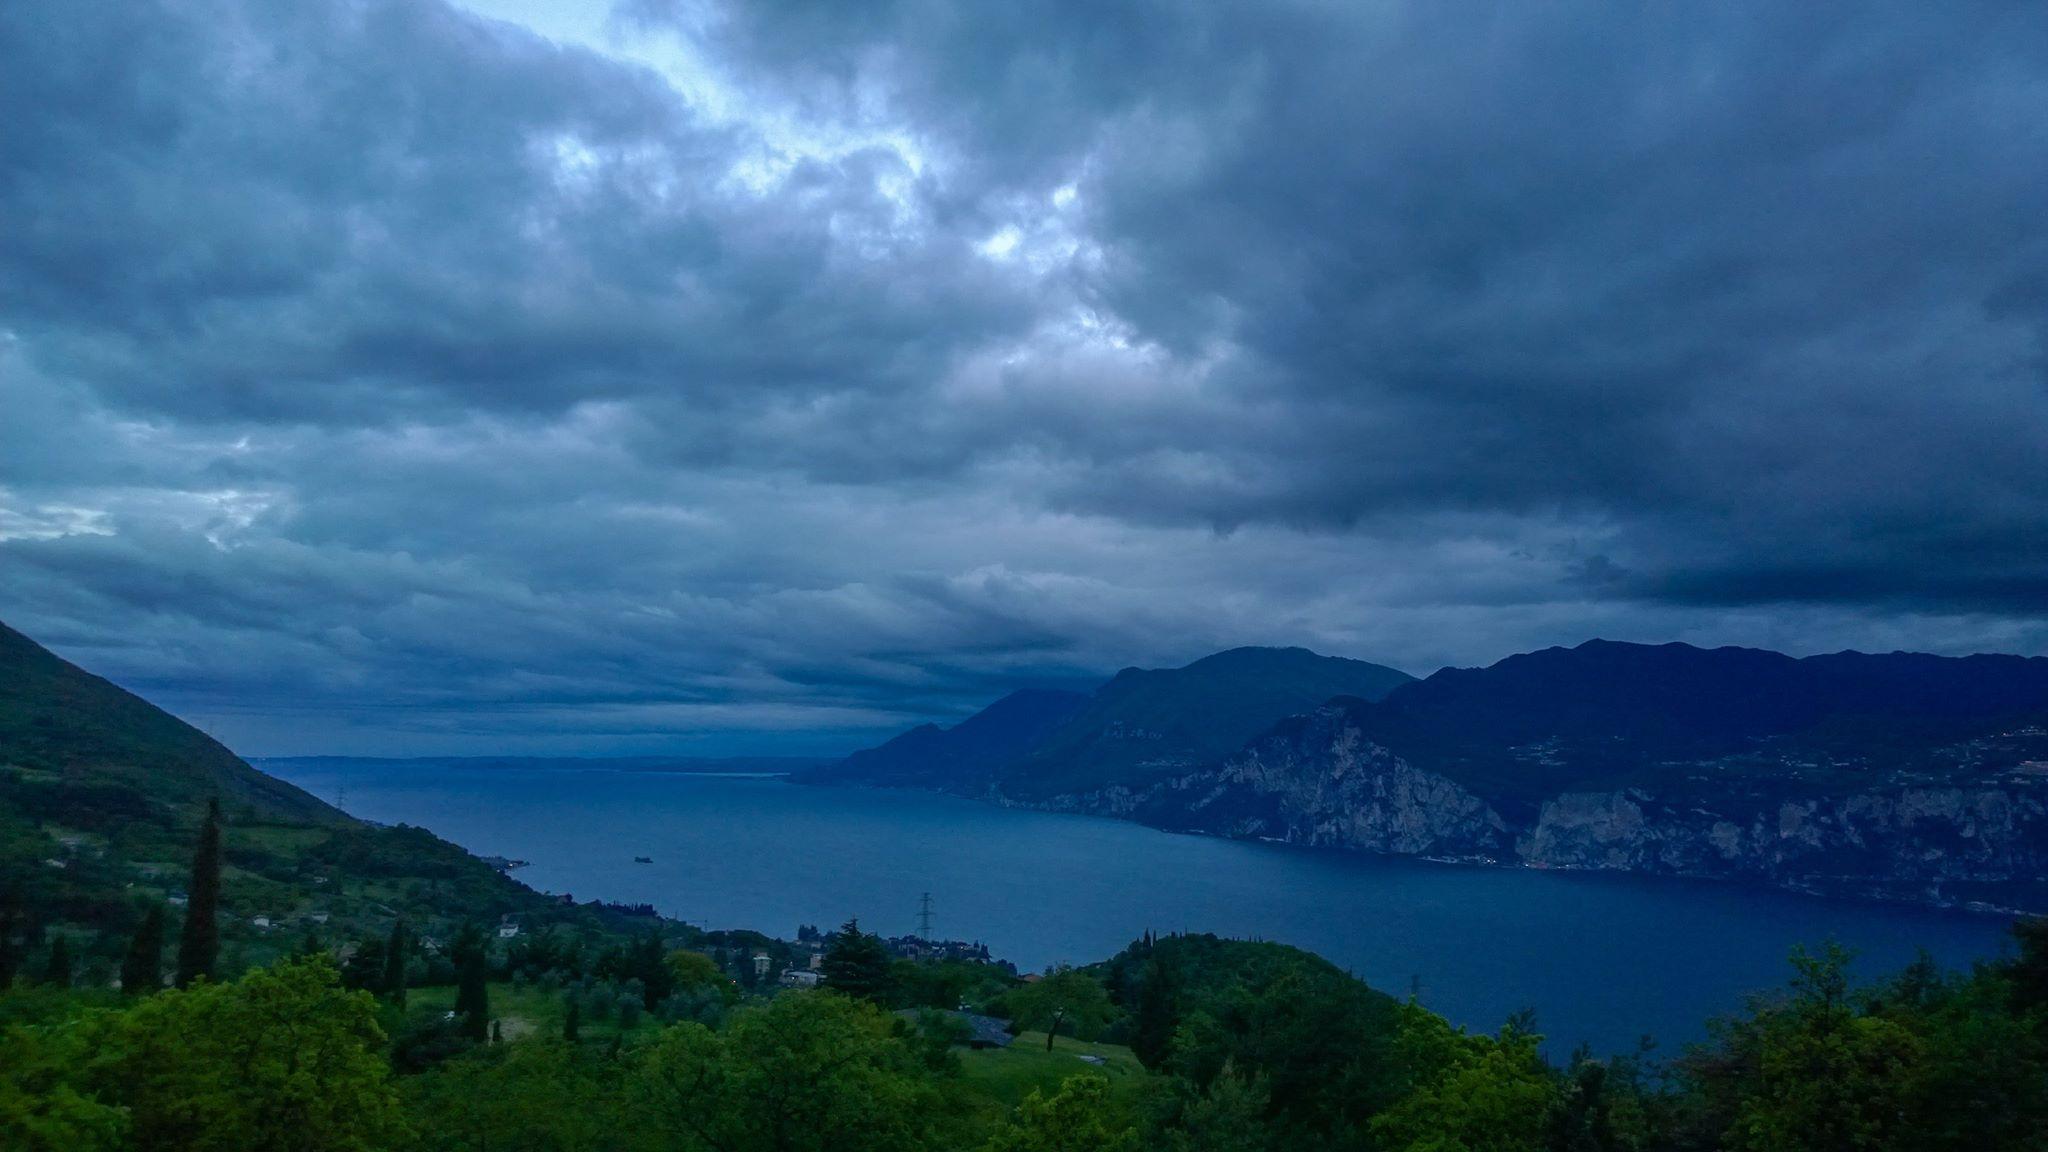 Maggio 2017 - La foto di Claudio Chincarini, scattata il giorno 3 dopo il passaggio di un fronte occluso sulla zona alpina, mostra che le bellezze naturali della zona Garda - Baldo sono affascinanti anche col maltempo!